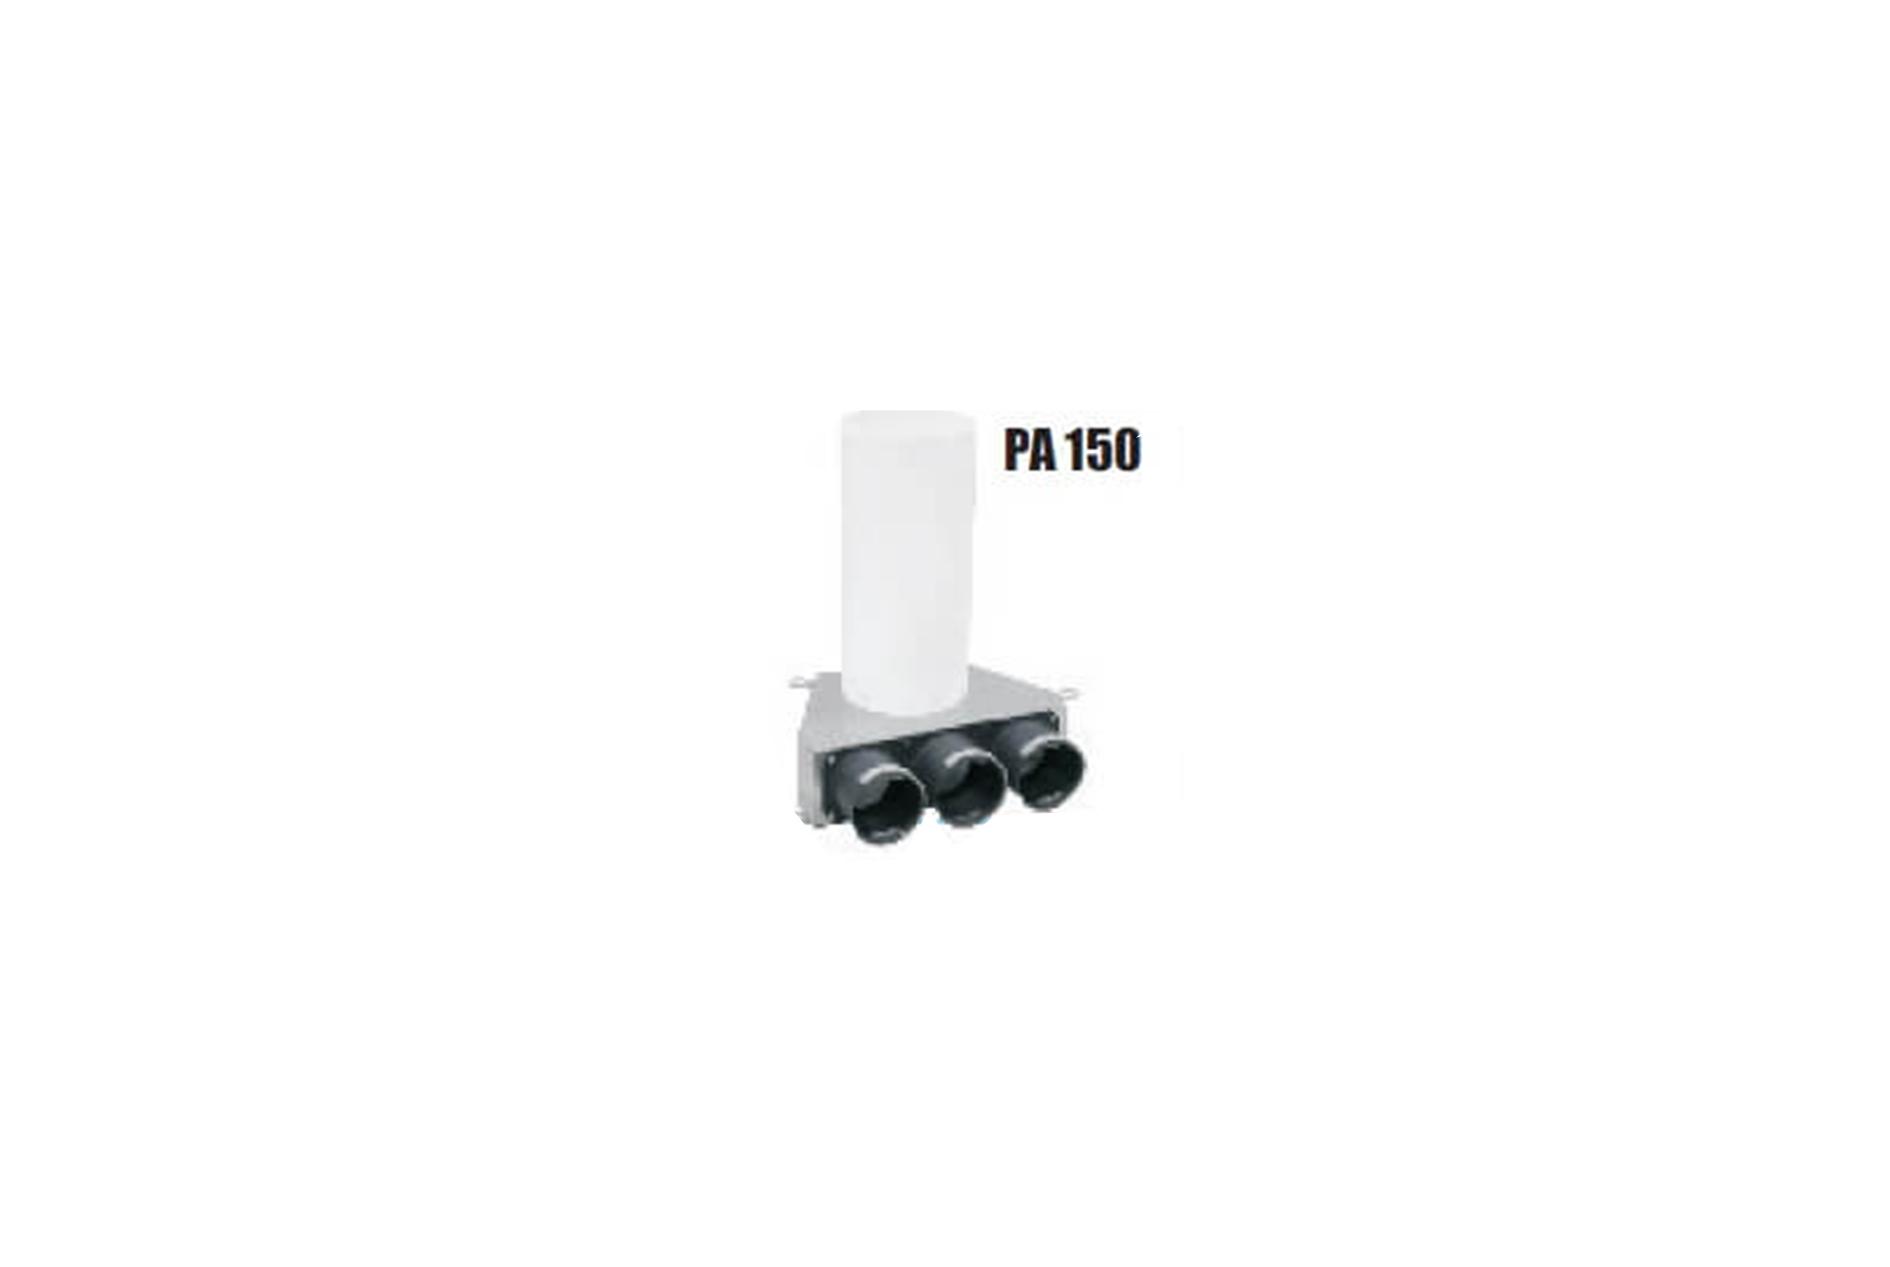 Difuzorių pajungimo dėžutė PA 150